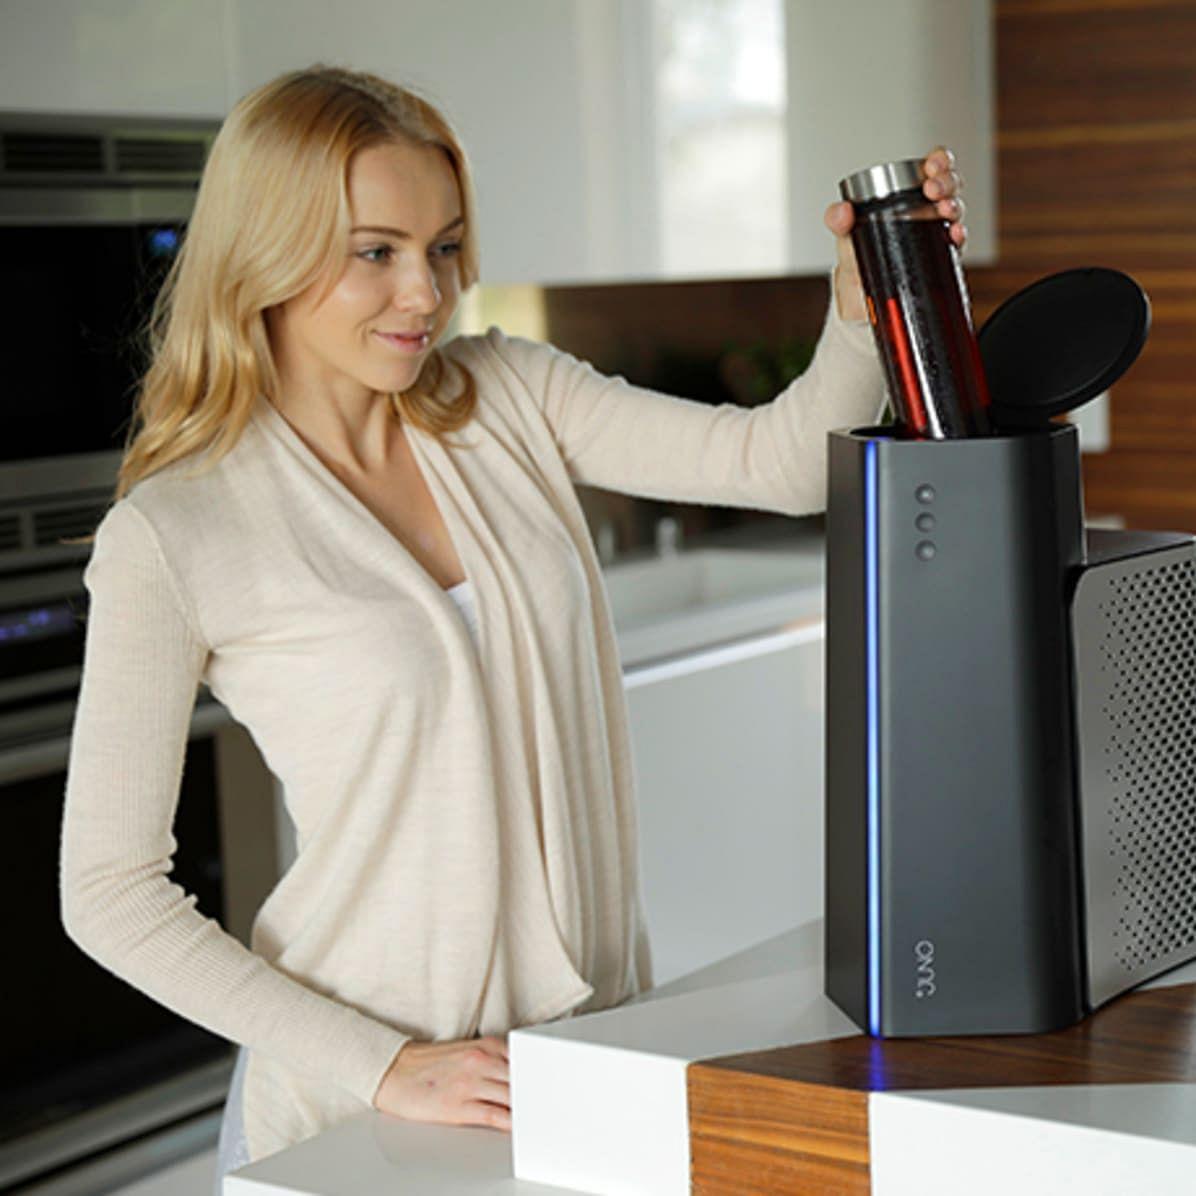 Consumer Electronics Show 2020: Matrix unveils 'reverse' microwave